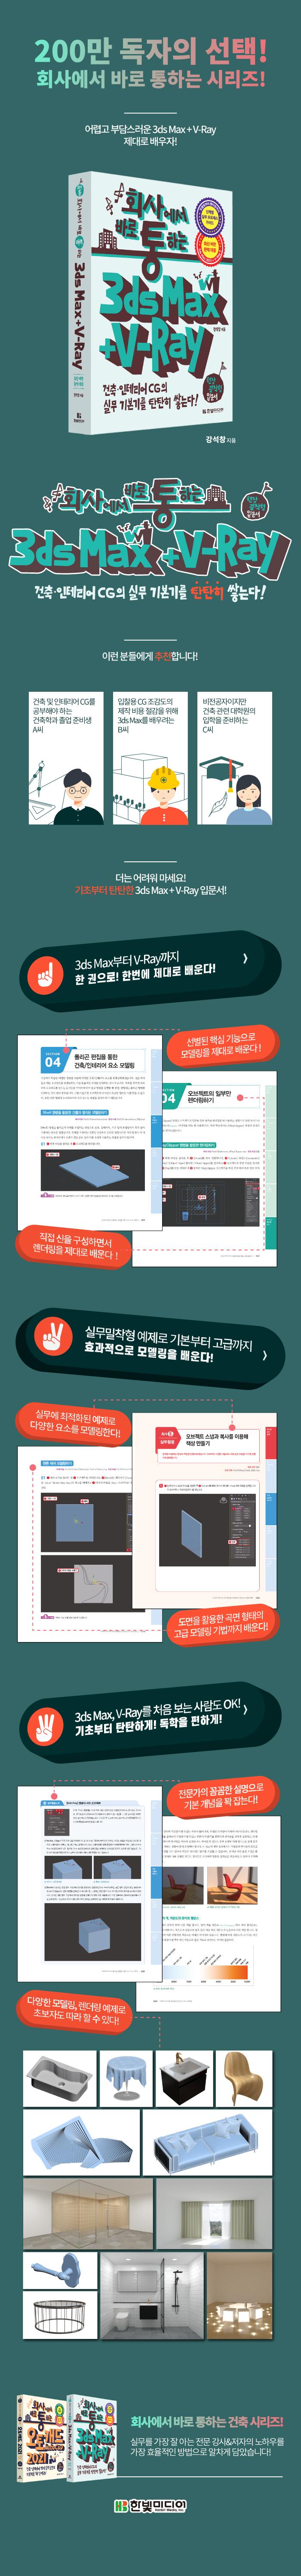 [상세페이지]_회사에서 바로 통하는 3ds Max + V-Ray_700.jpg